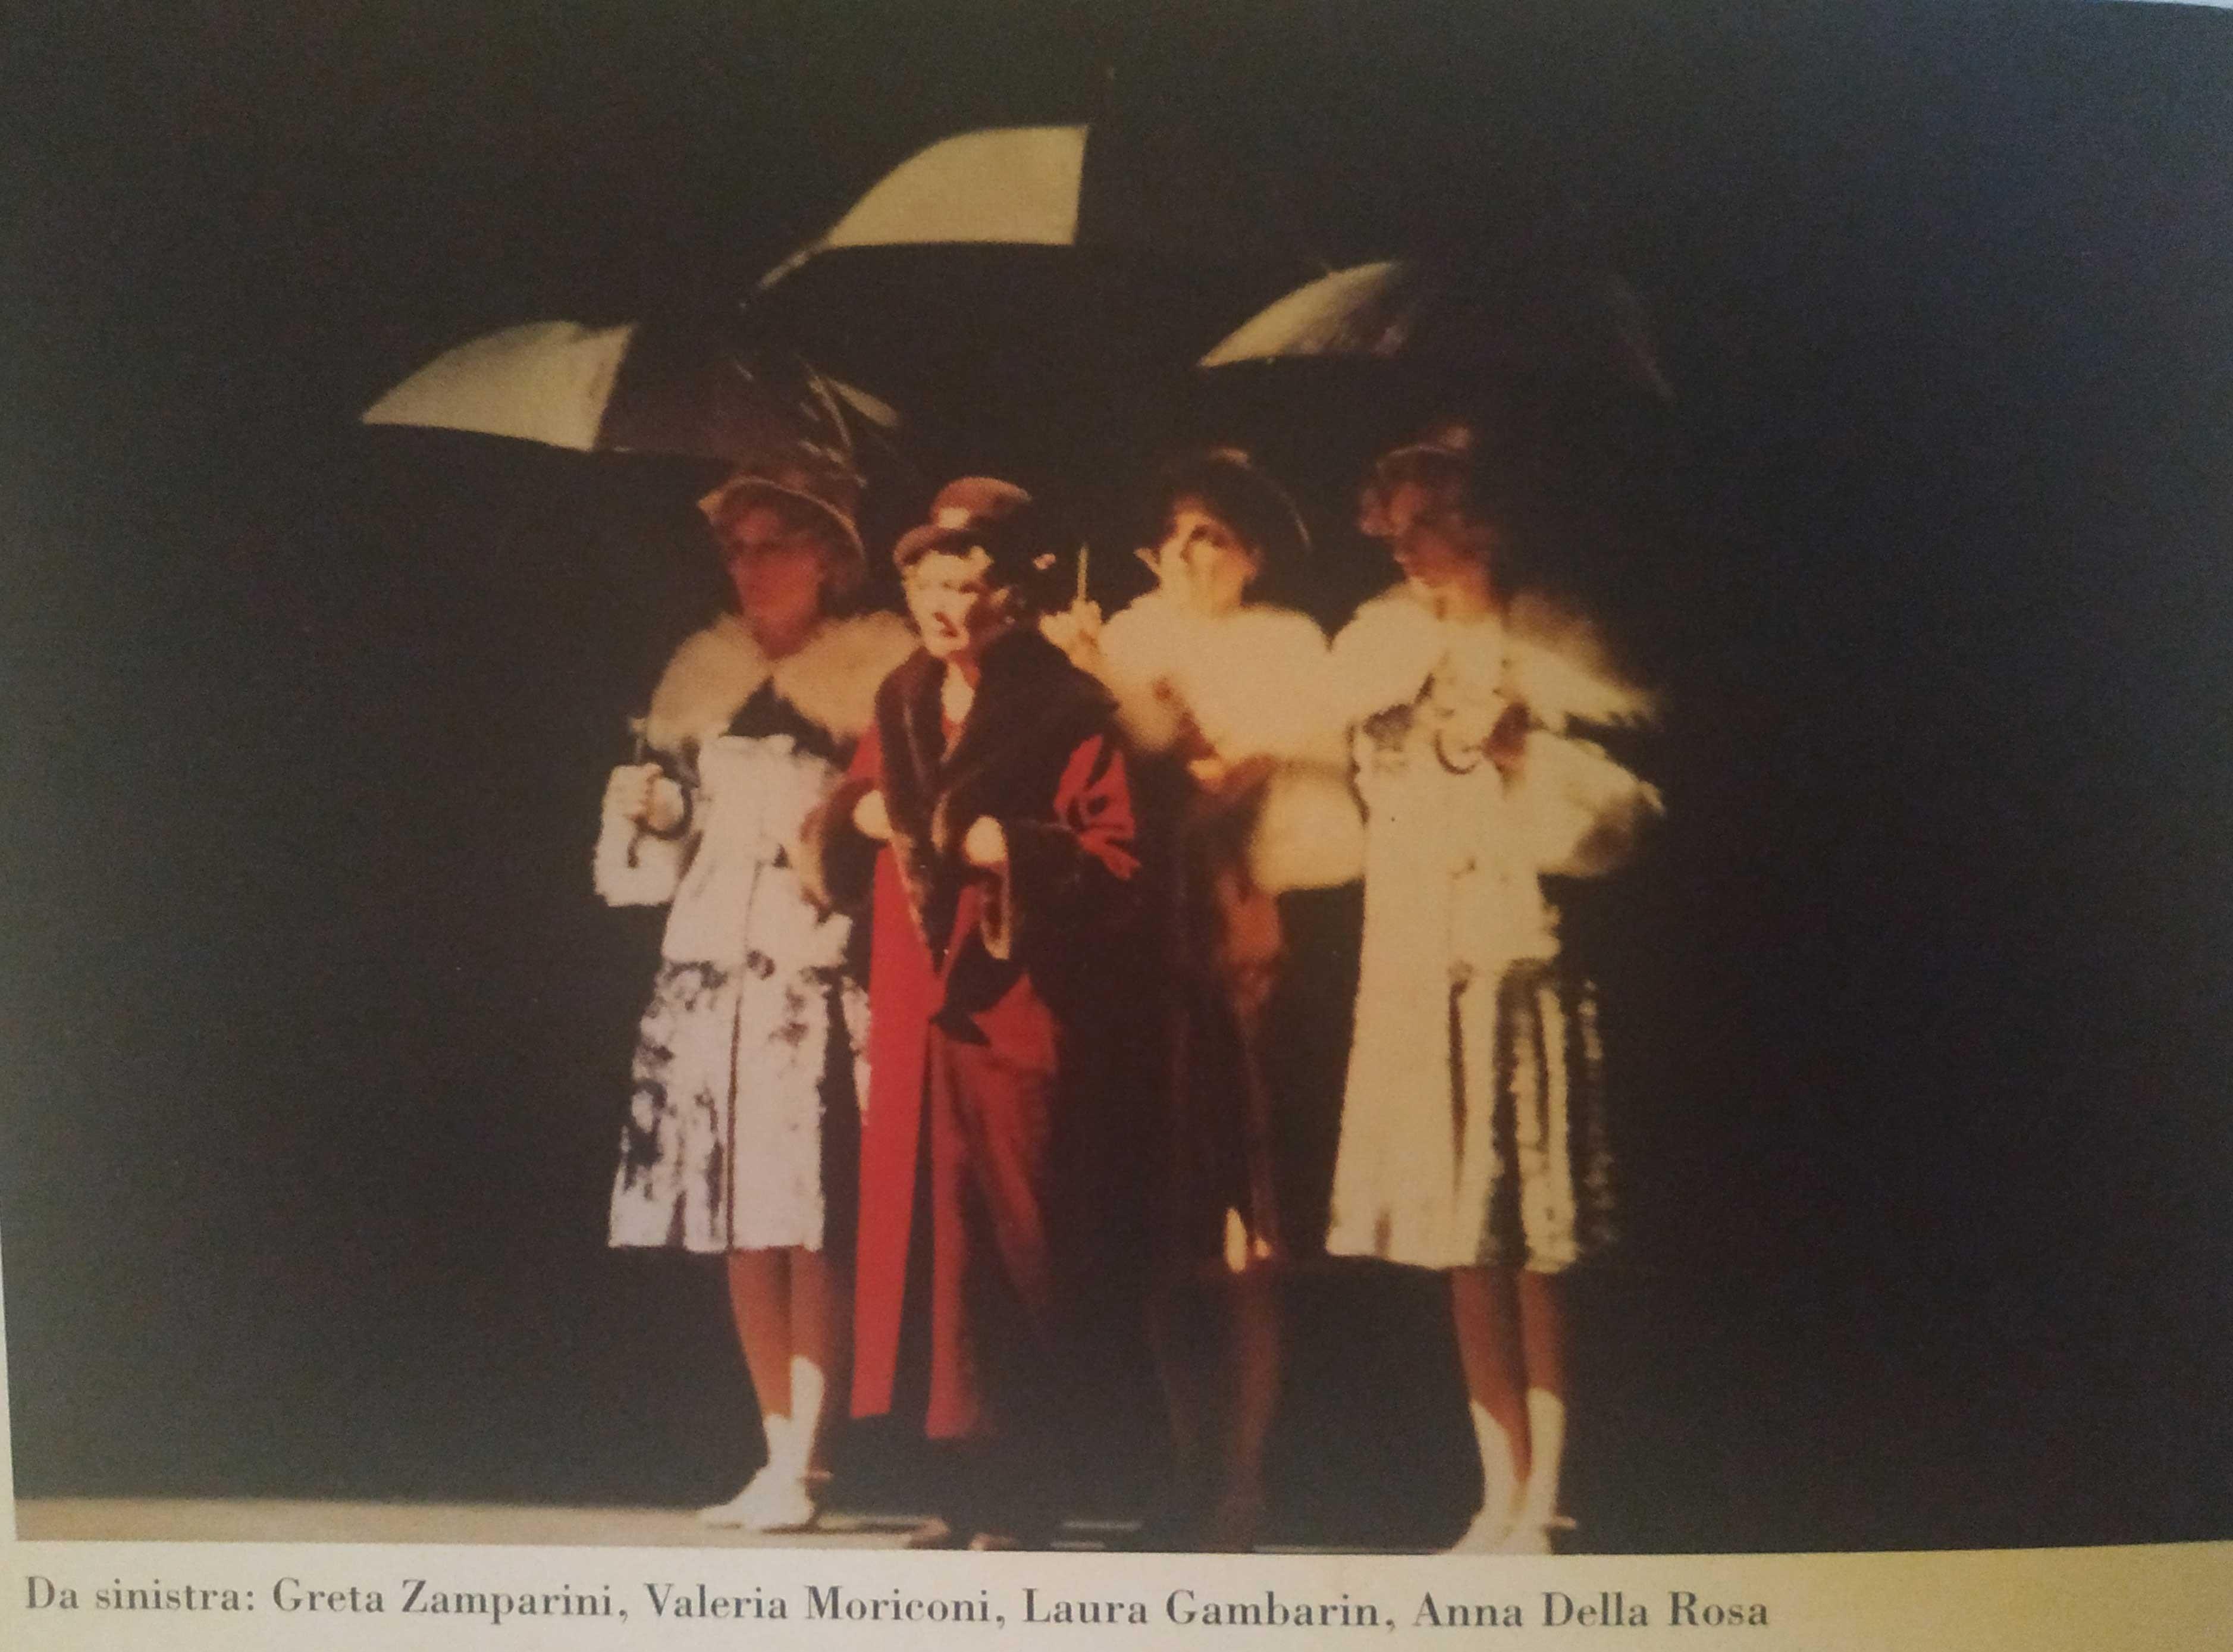 From left Greta Zamparini, Valeria Moriconi, Laura Gambarin, Anna Della Rosa